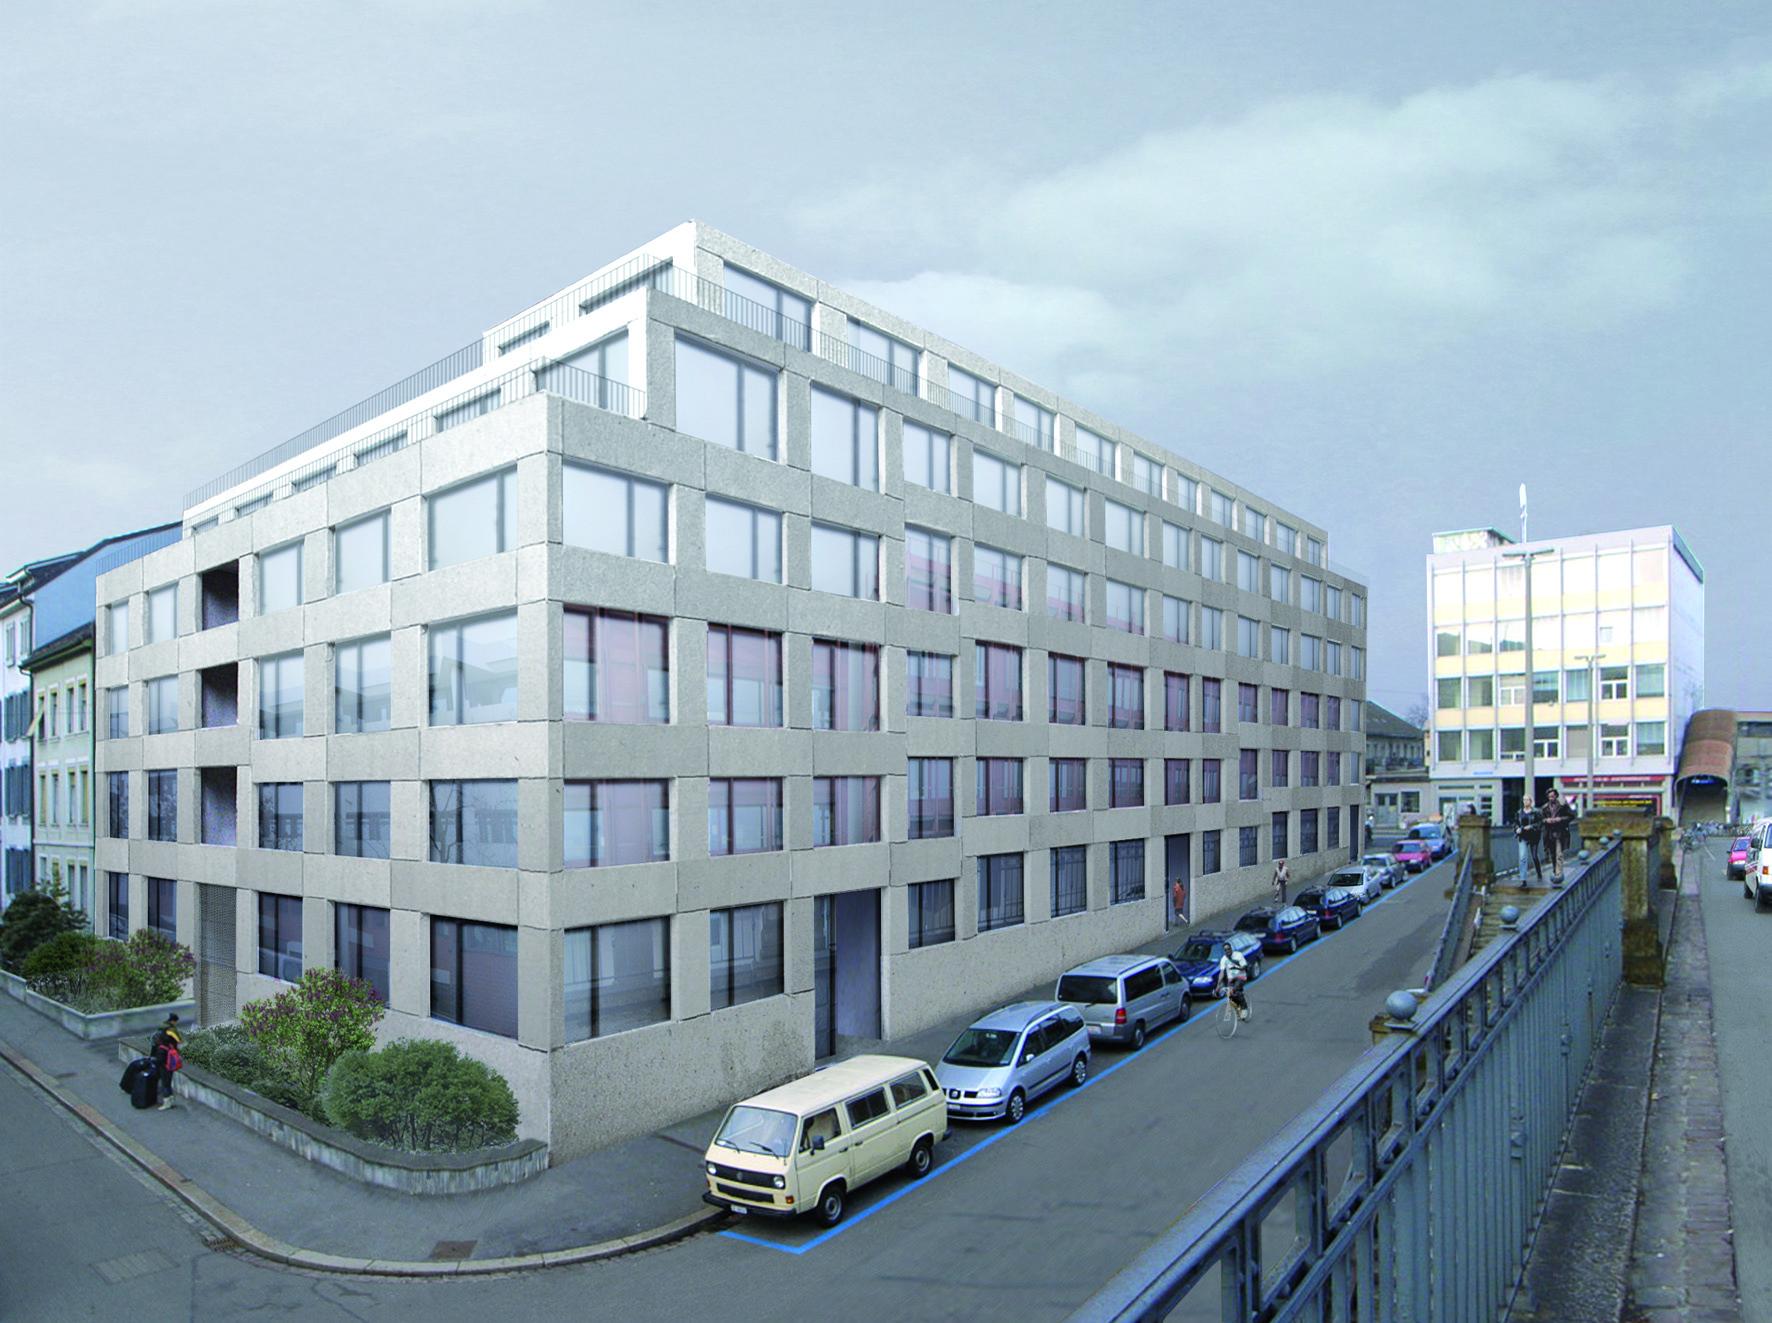 So sieht das Neubau-Projekt aus, das das Zürcher Architekturbüro Zita Cotti entwarf.